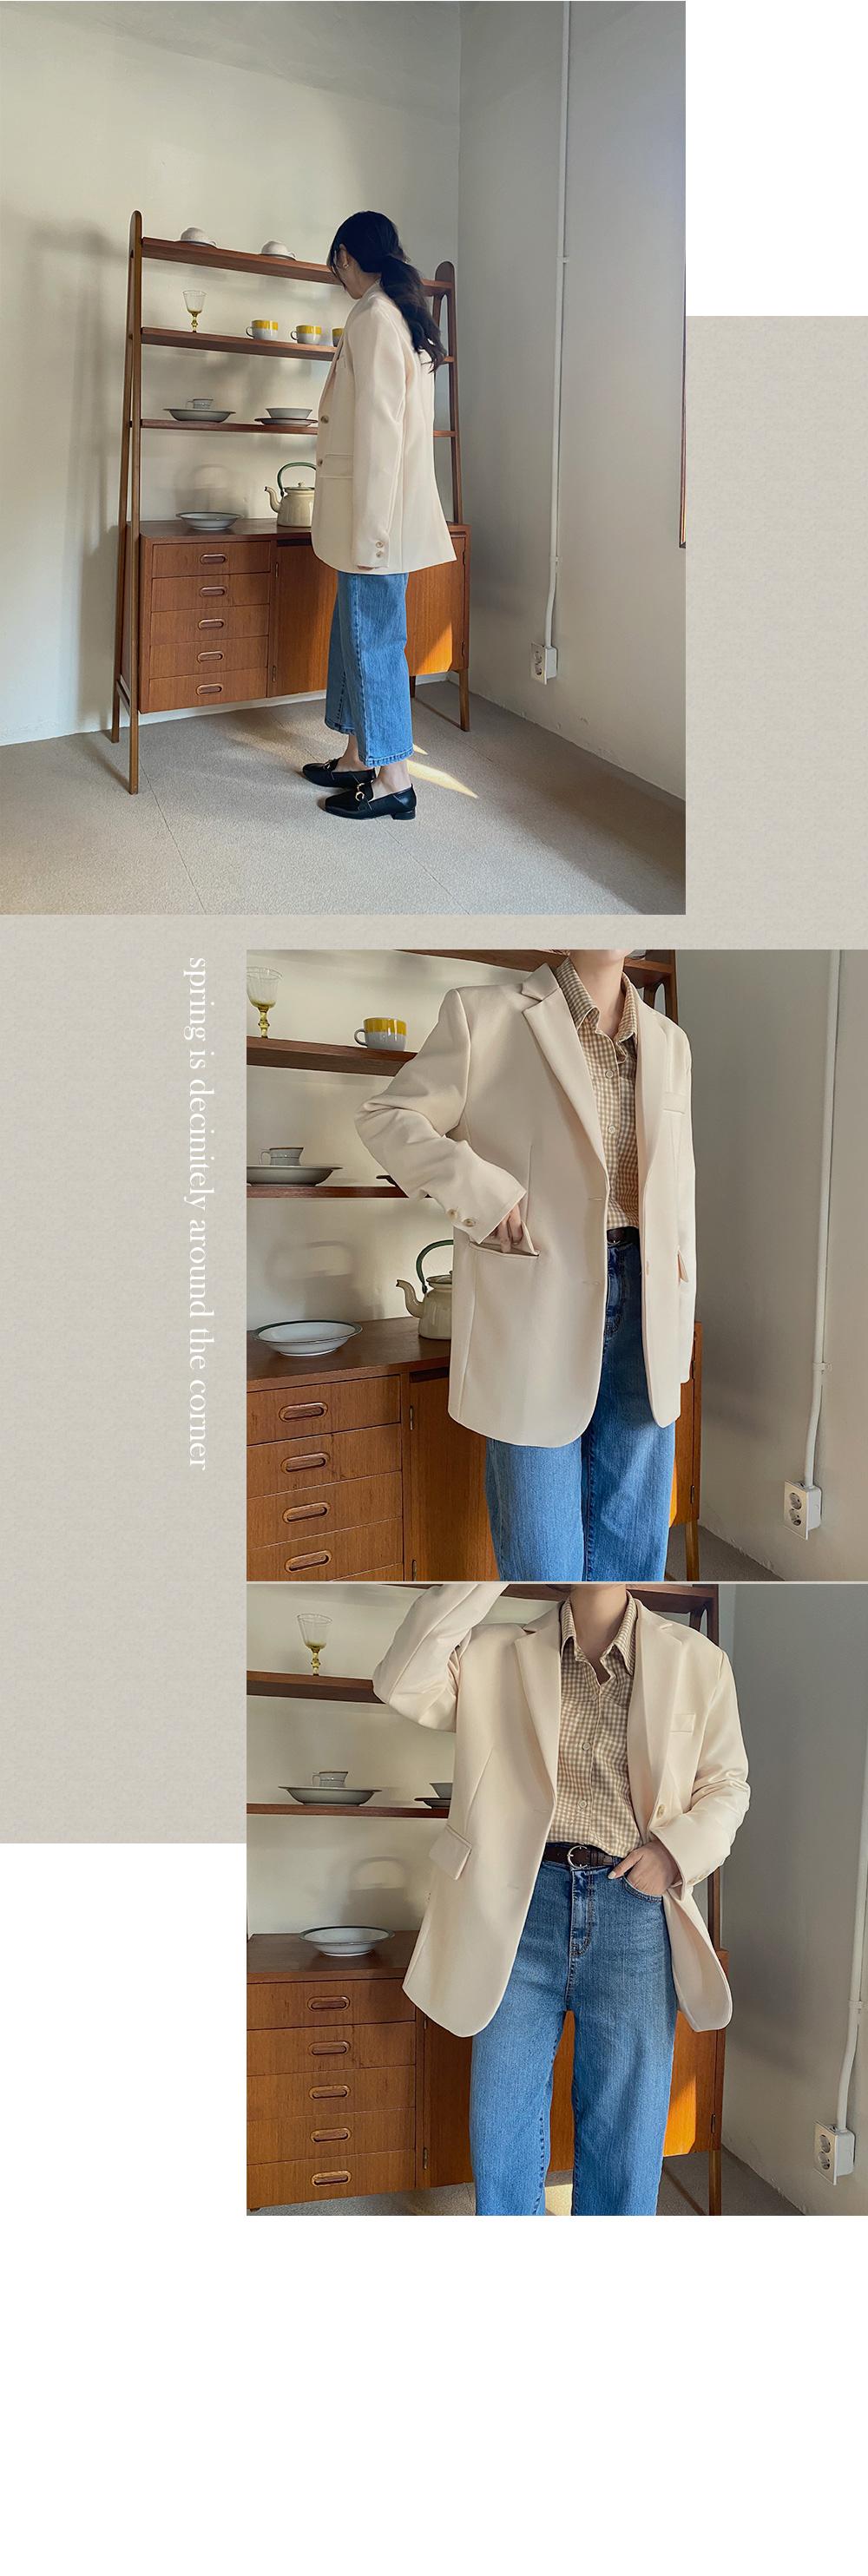 Lean belt jacket